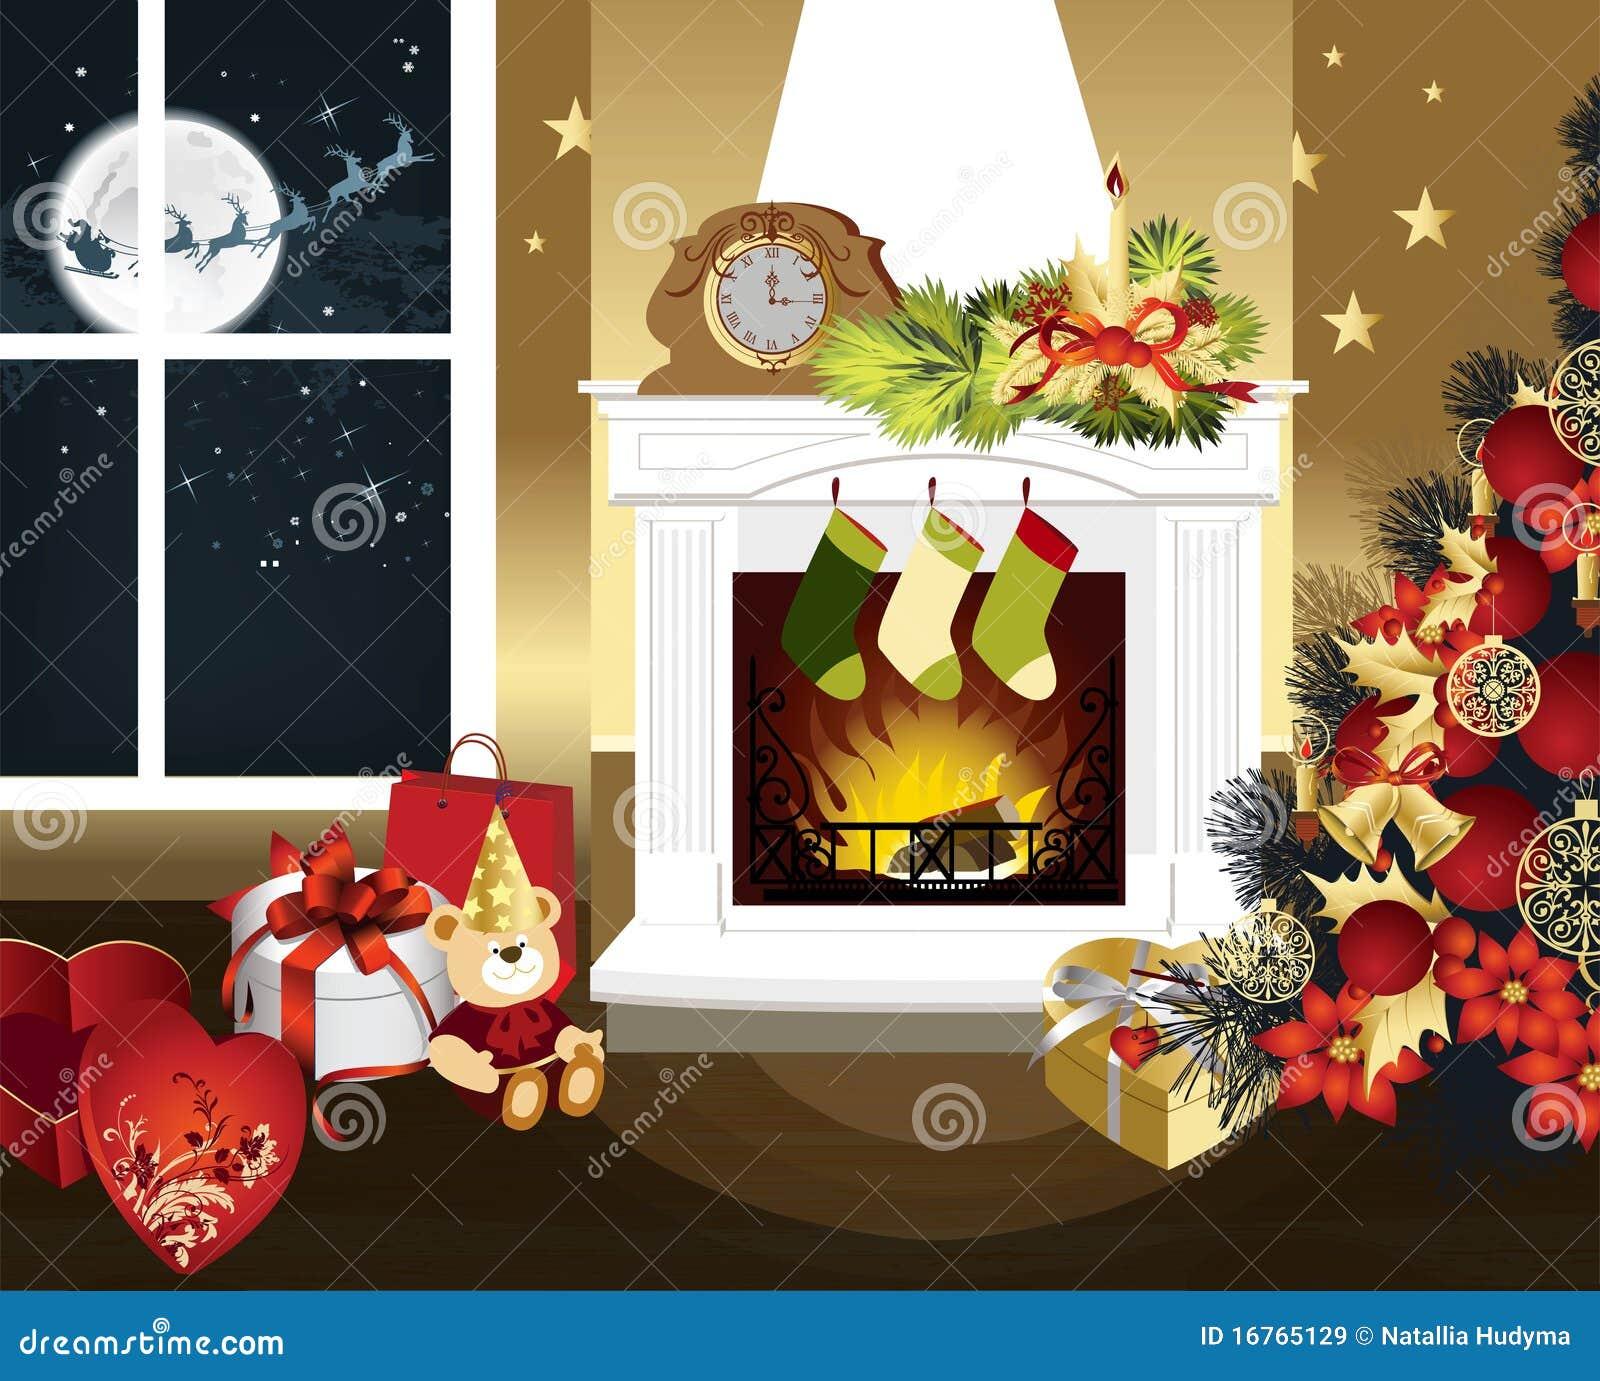 Christmas Room christmas wreath royalty free stock image - image: 11023436